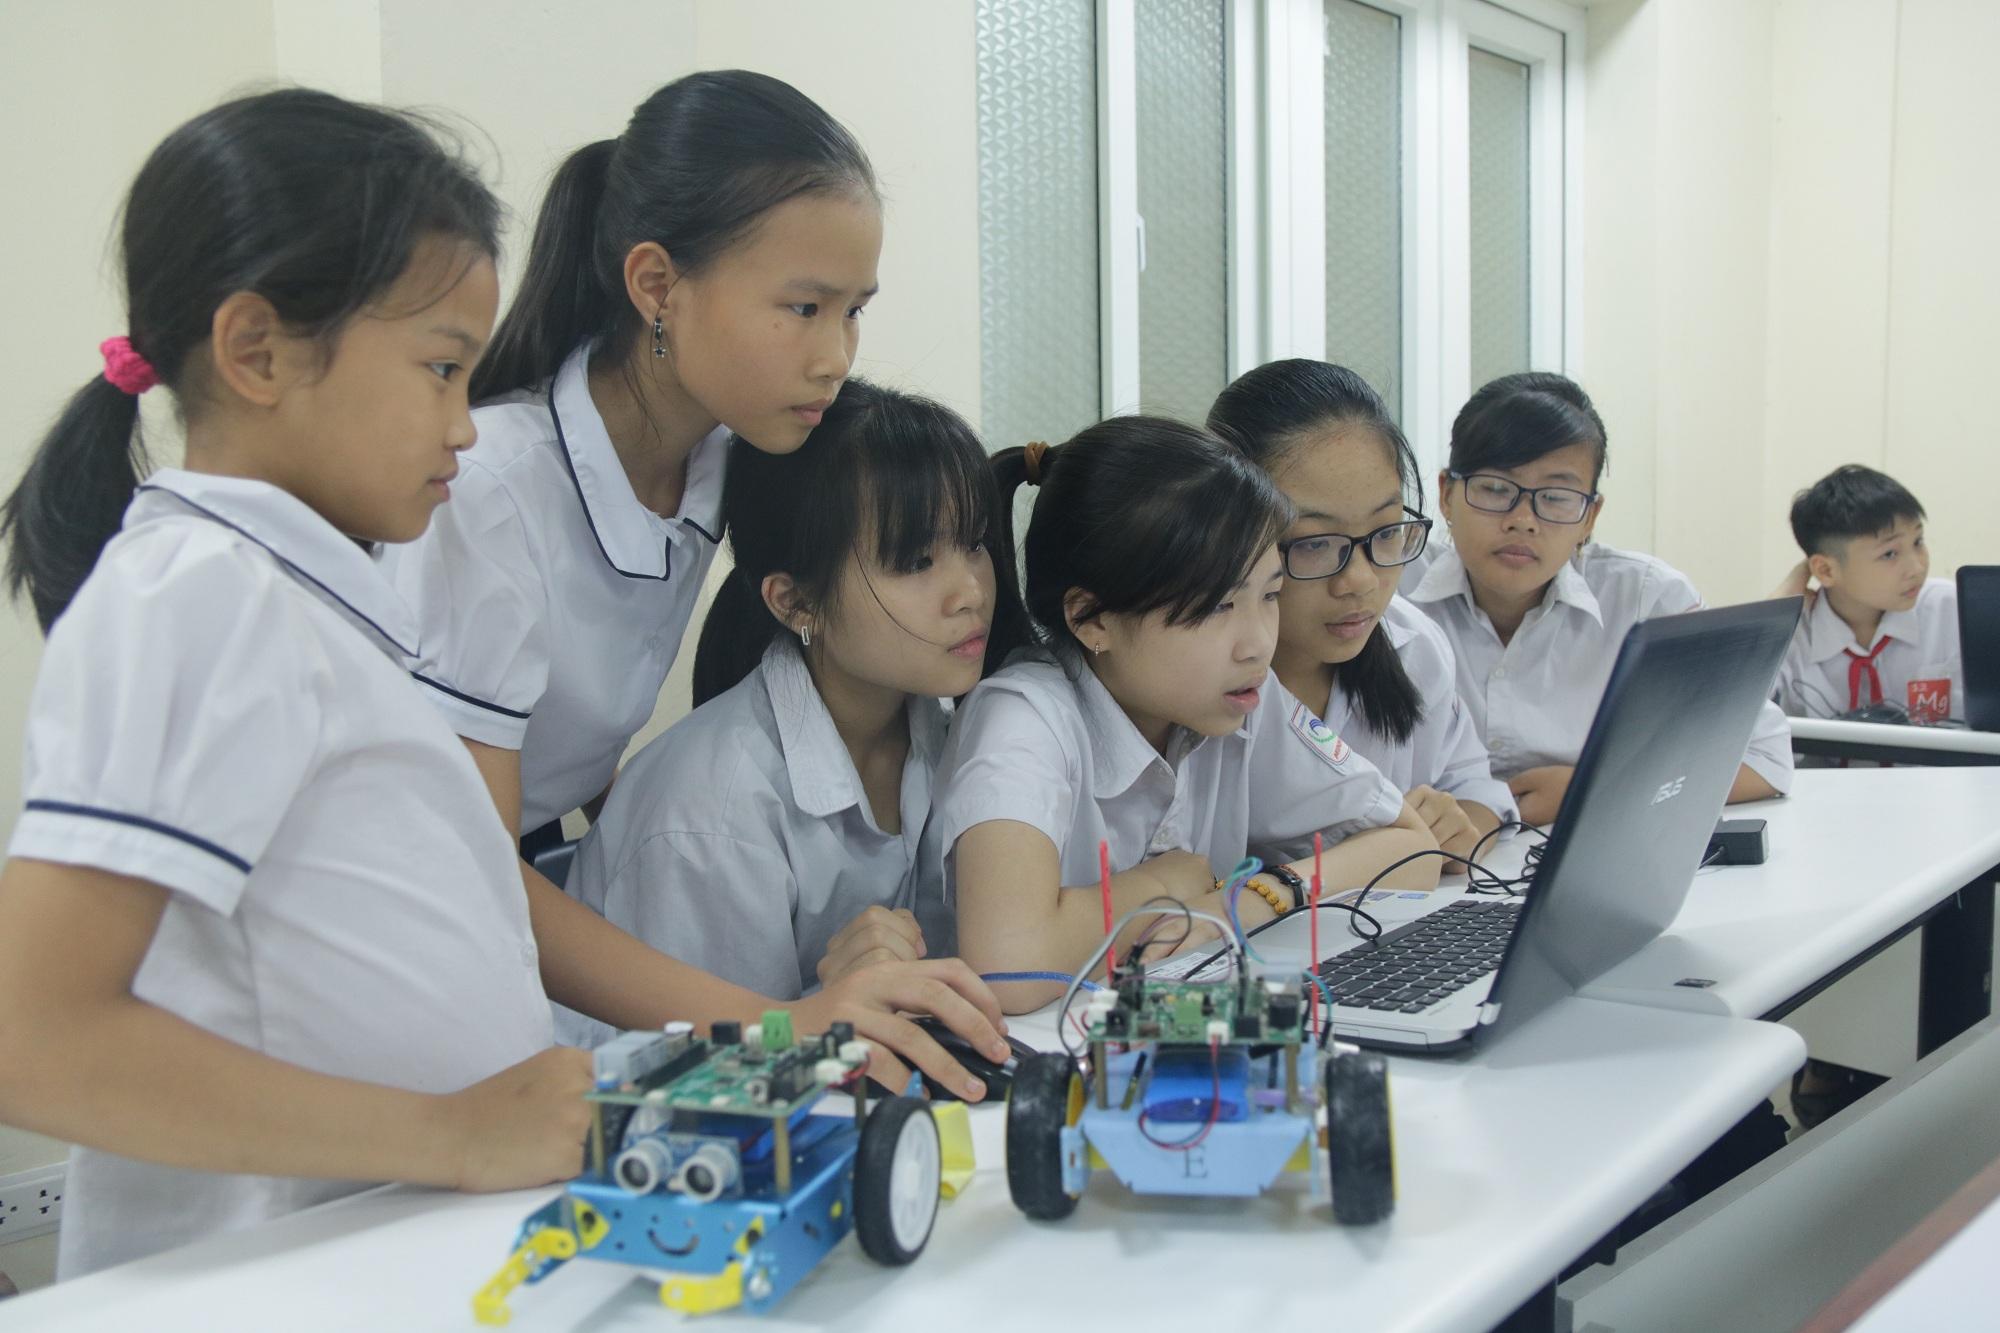 Format của Ngày hội STEM không khác biệt nhiều so với thế giới, gồm ba phần chính: trưng bày các dự án STEM, hội thảo về giáo dục STEM, và các bài giảng khoa học dành cho đại chúng. Trong ảnh: Các học sinh nữ cấp 1 tìm hiểu về lập trình robot tại Ngày hội STEM 2019. Ảnh: Ngô Hà